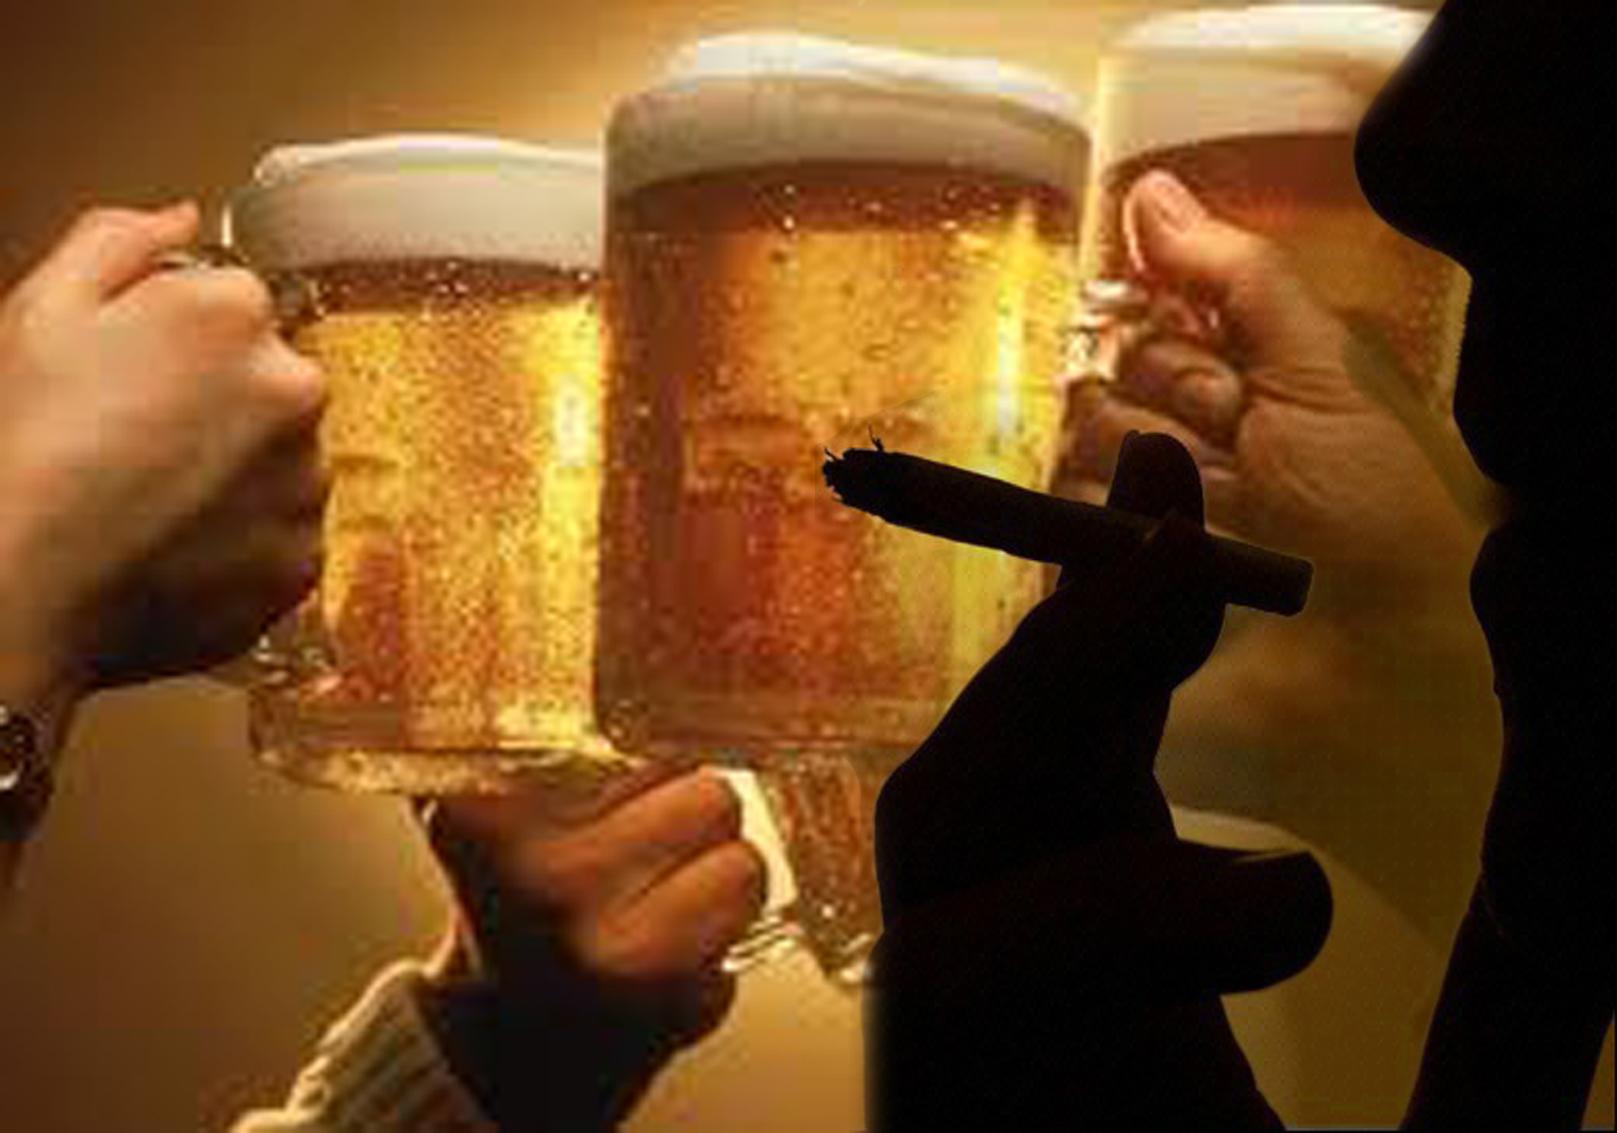 La codificación del alcoholismo los pinchazos de la consecuencia